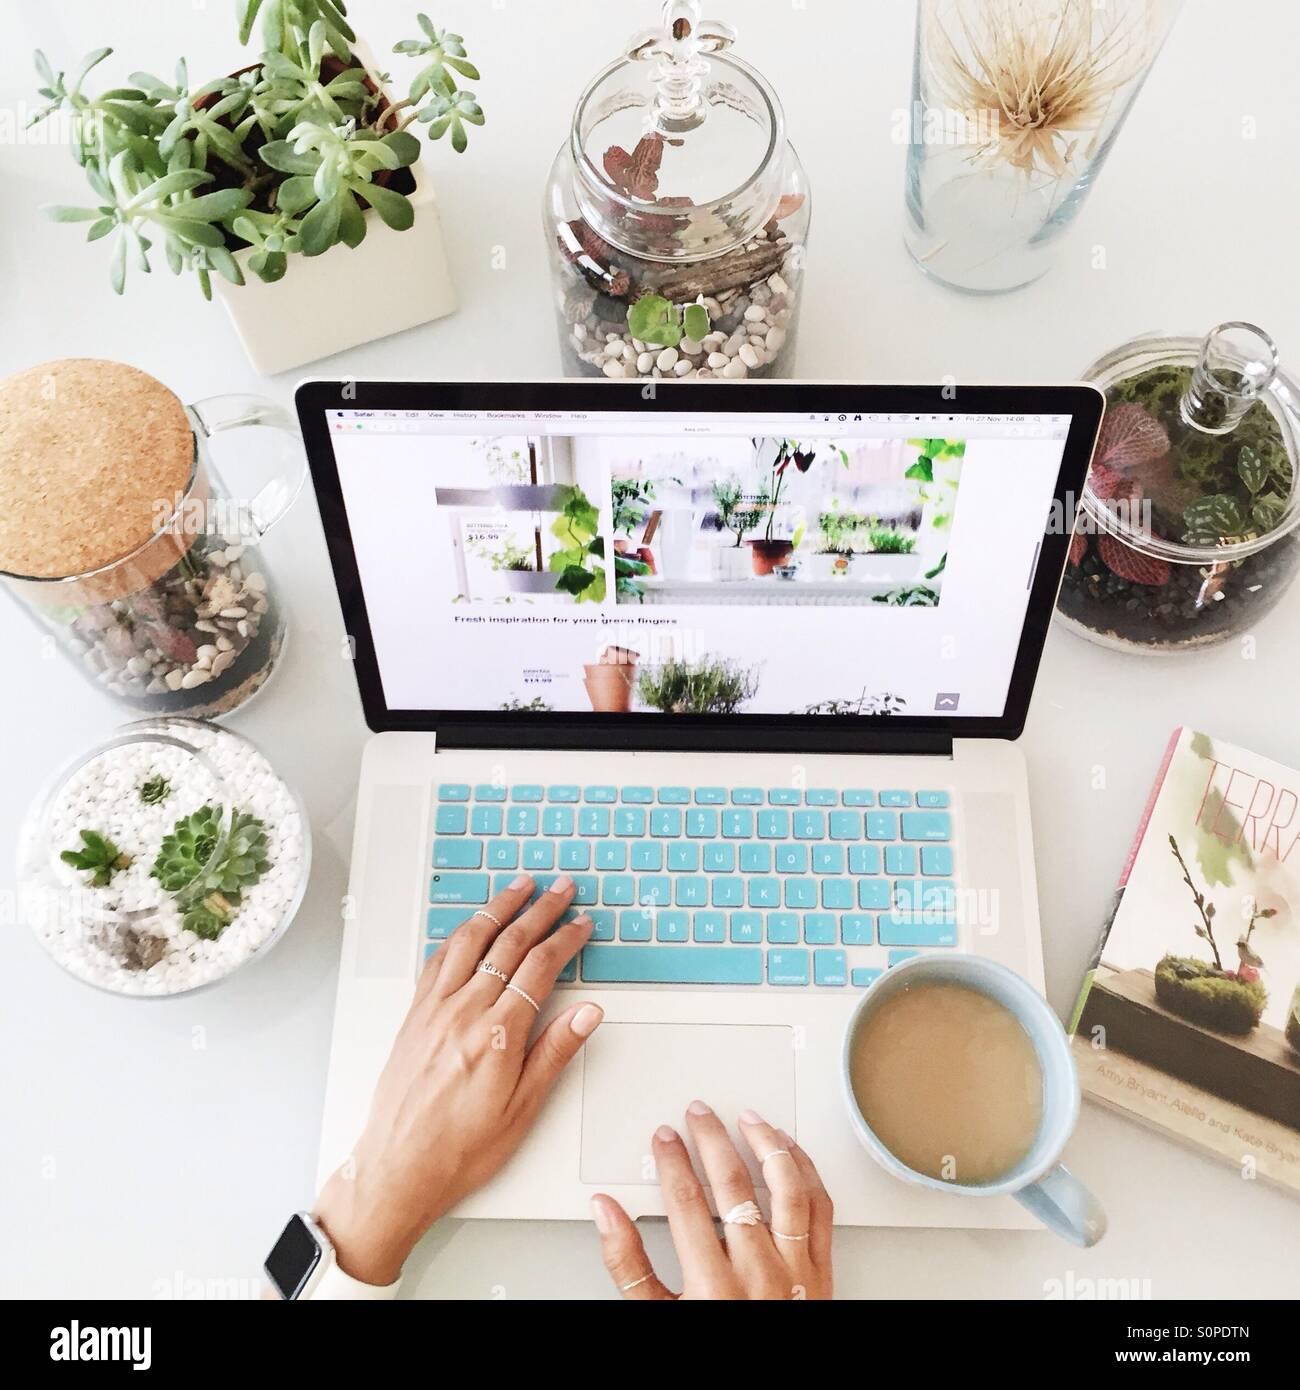 Trabajar en el Mac con una taza de café rodeada de terrarios con plantas suculentas y otras plantas vivas Imagen De Stock